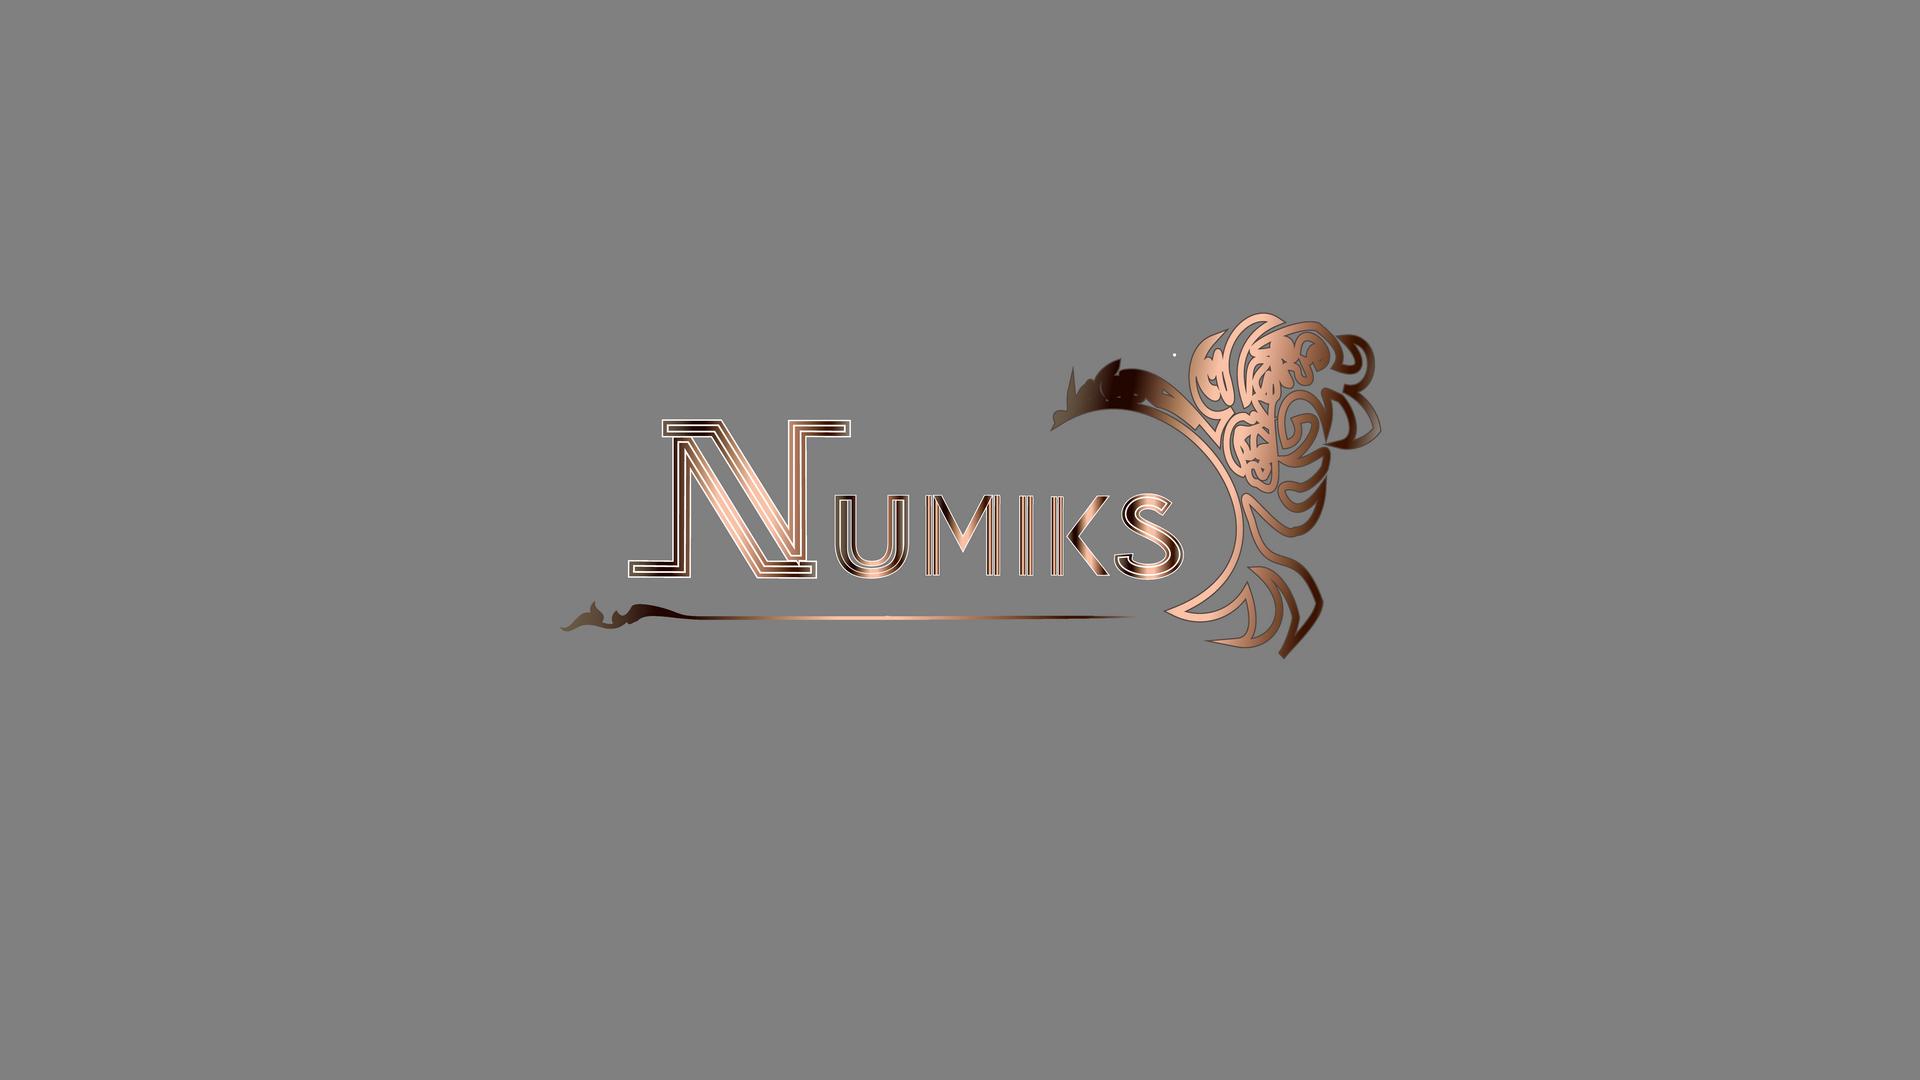 Логотип для интернет-магазина фото f_4105ec6e4475bf5b.png